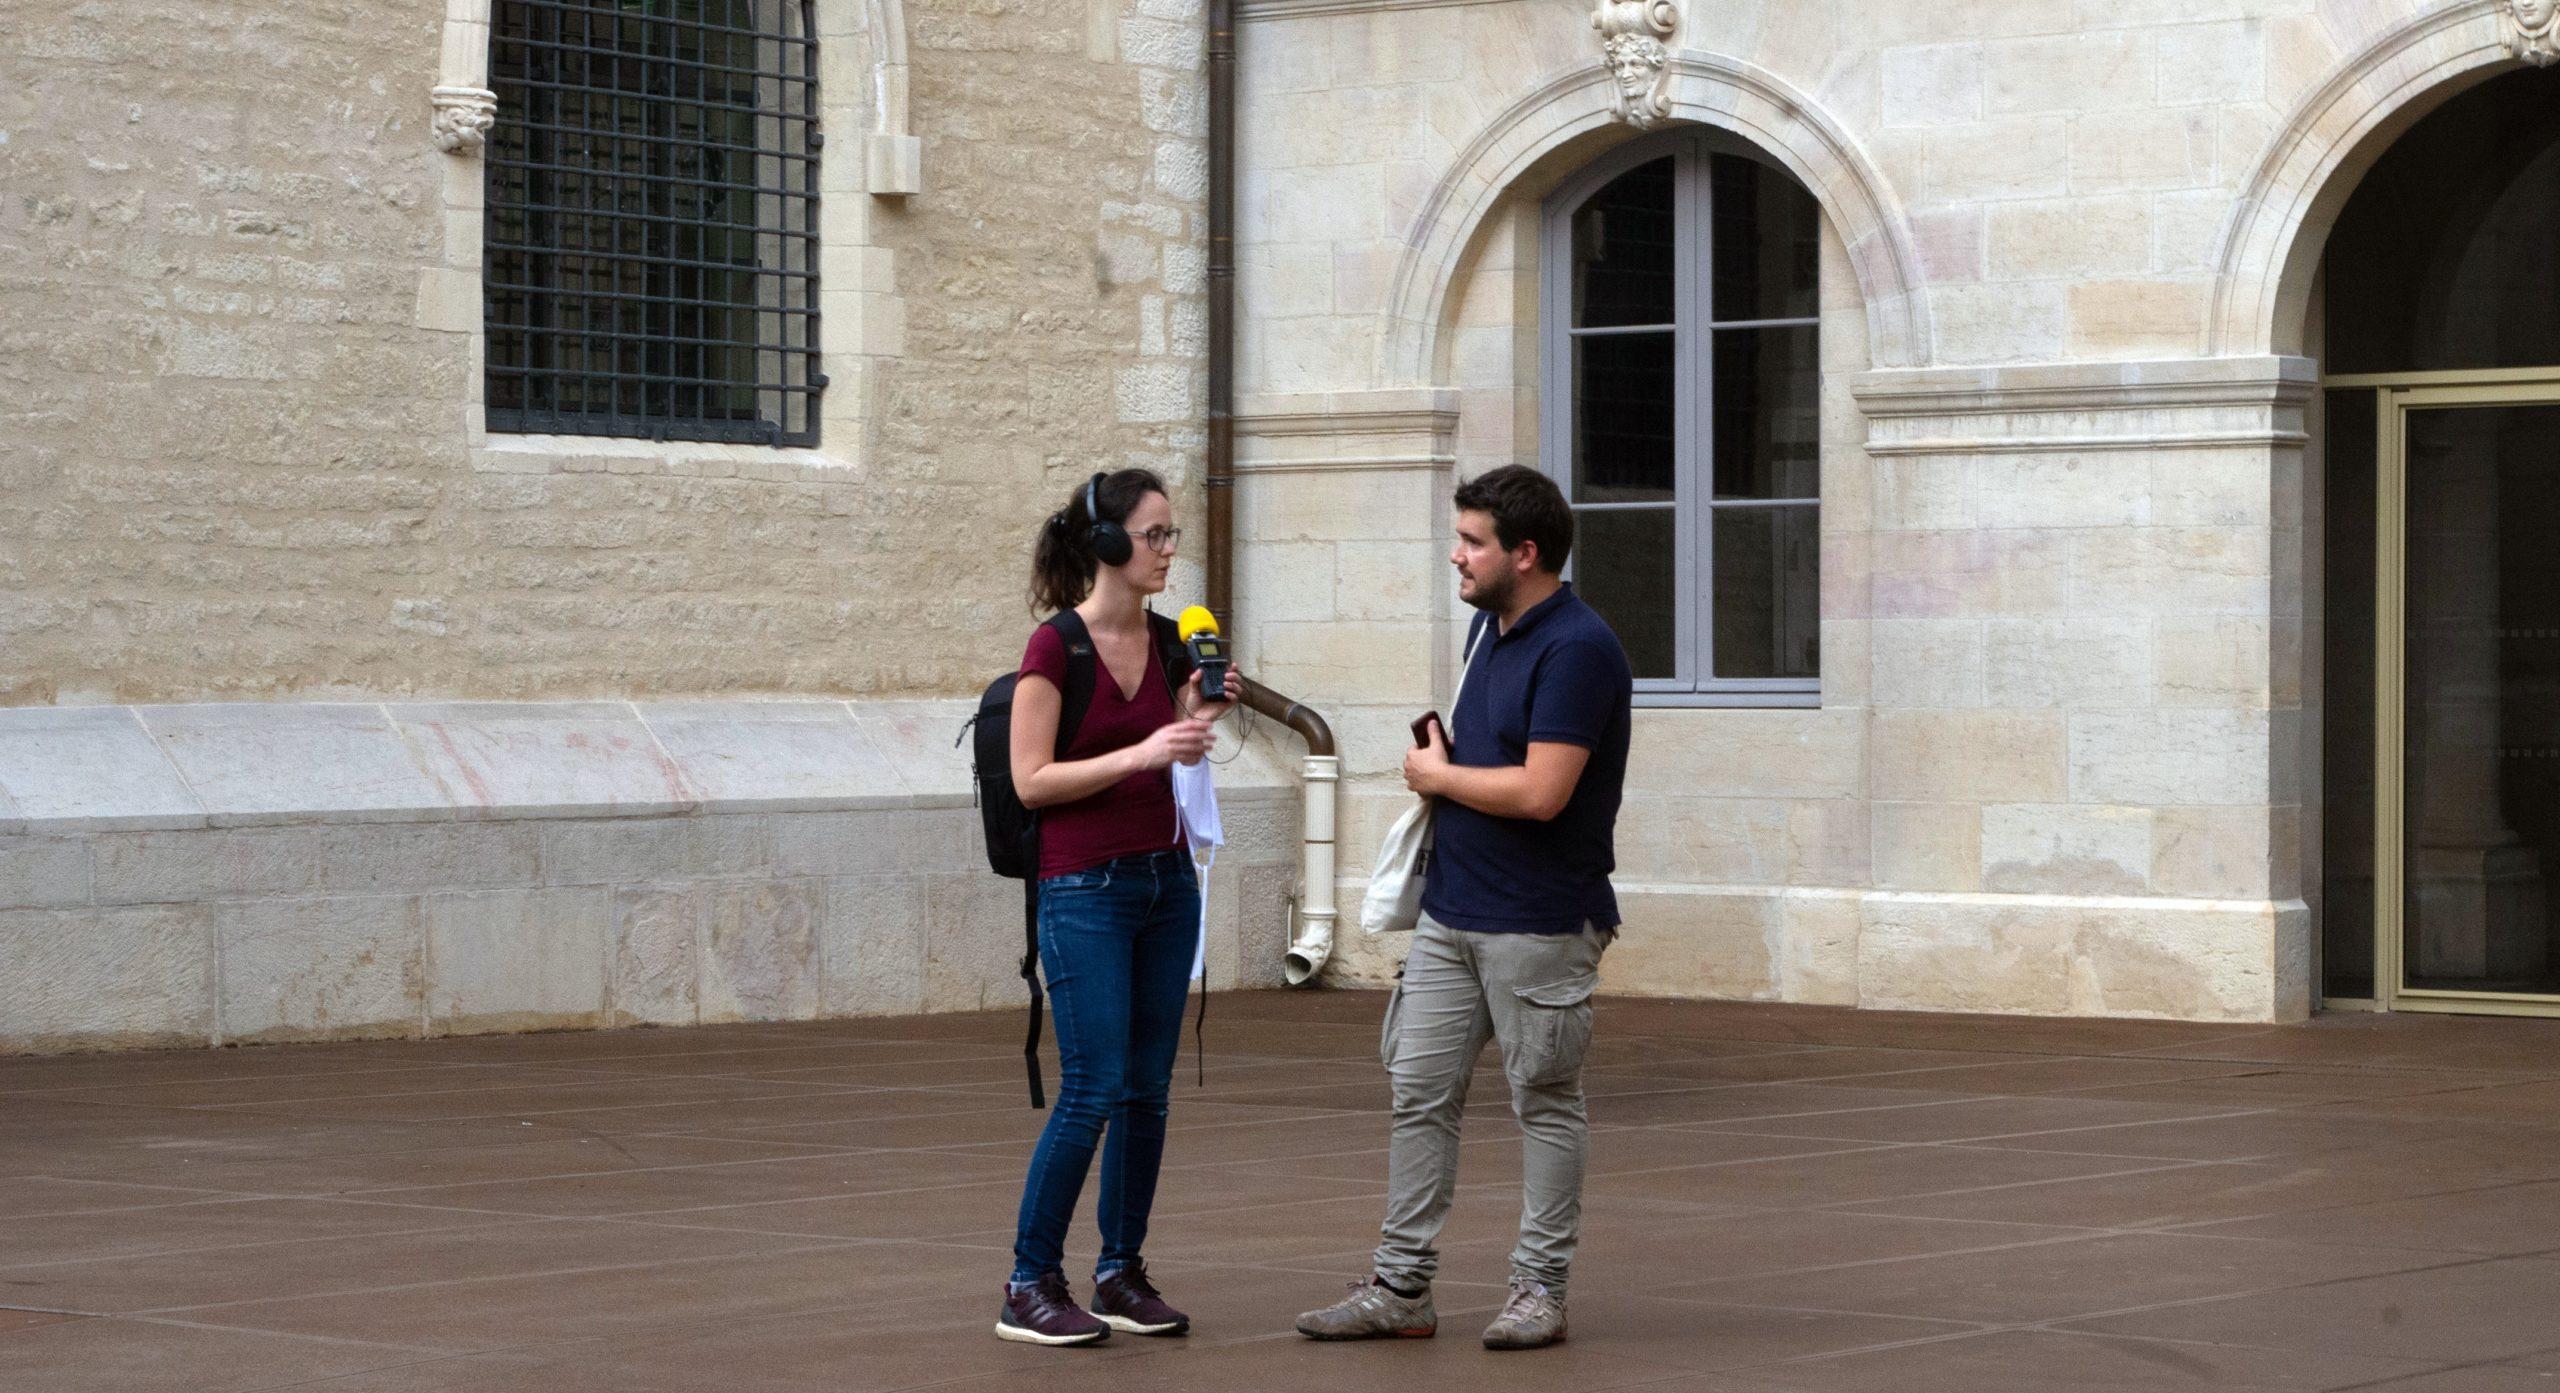 Dans la cour de l'hôtel des ducs de Bourgogne